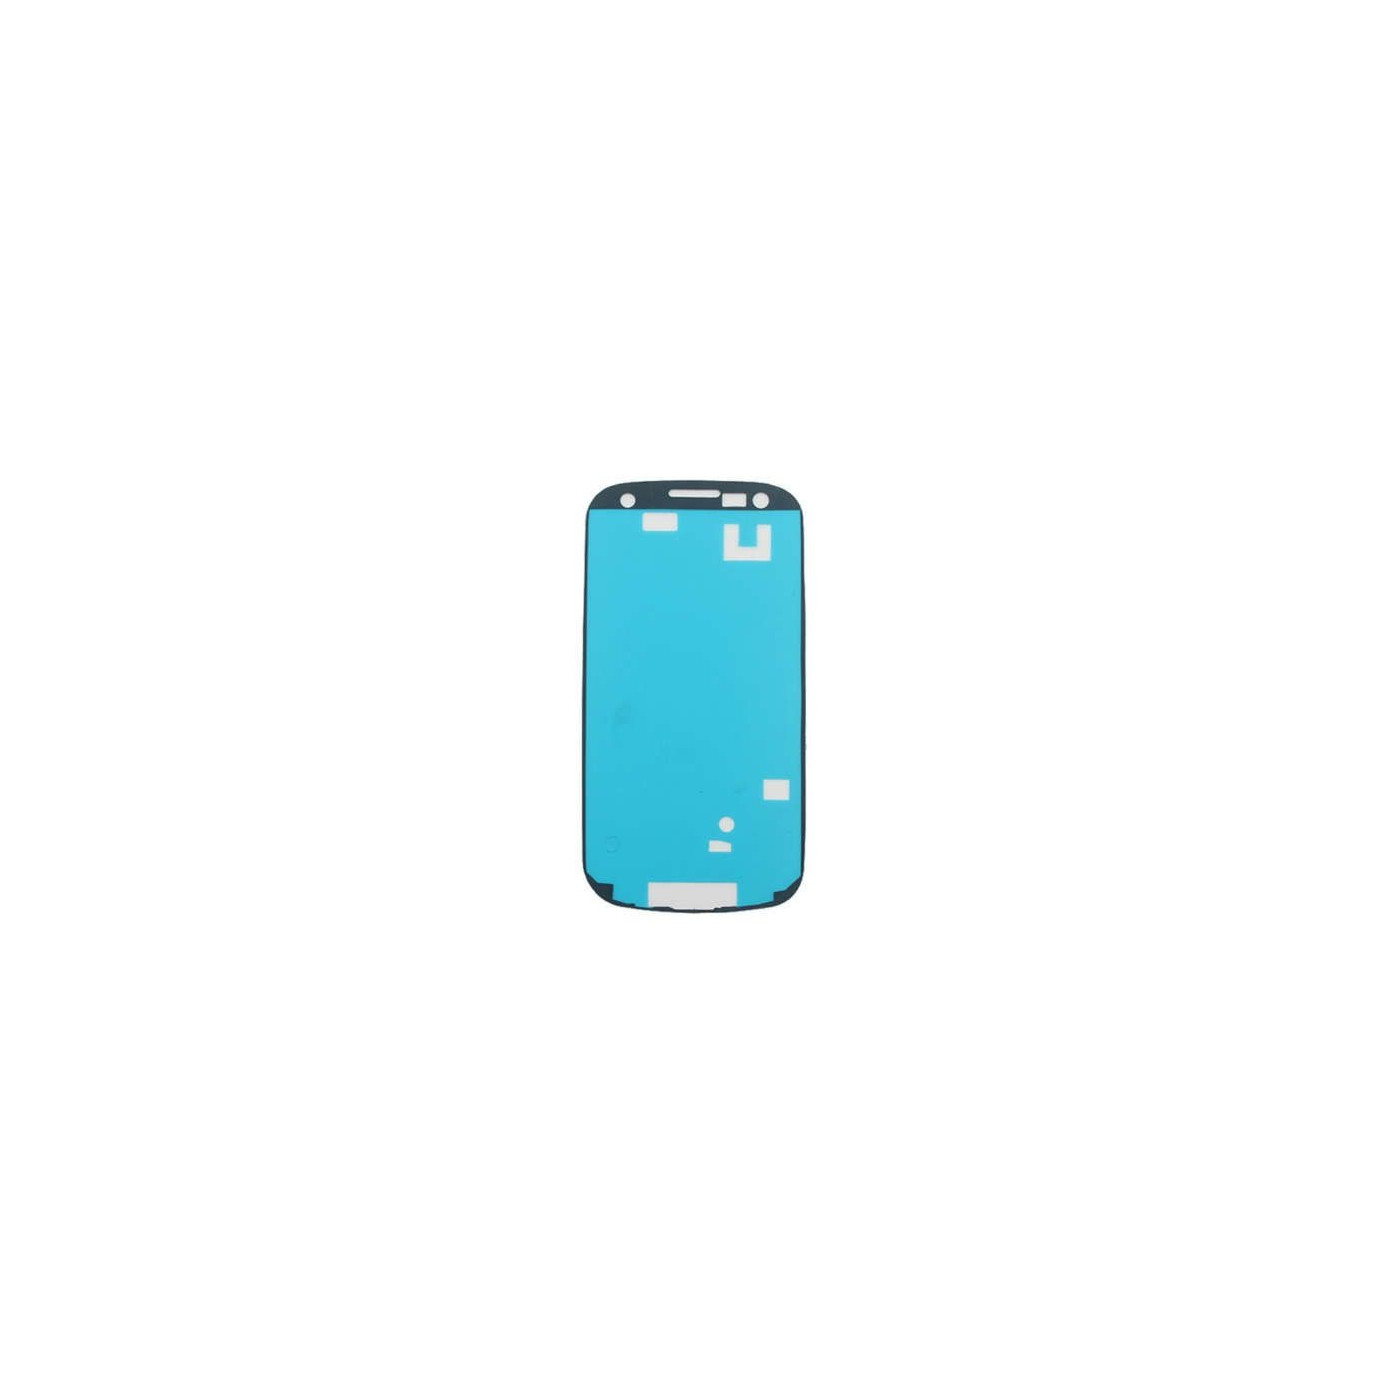 Biadesivo vetro per samsung galaxy s4 mini i9195